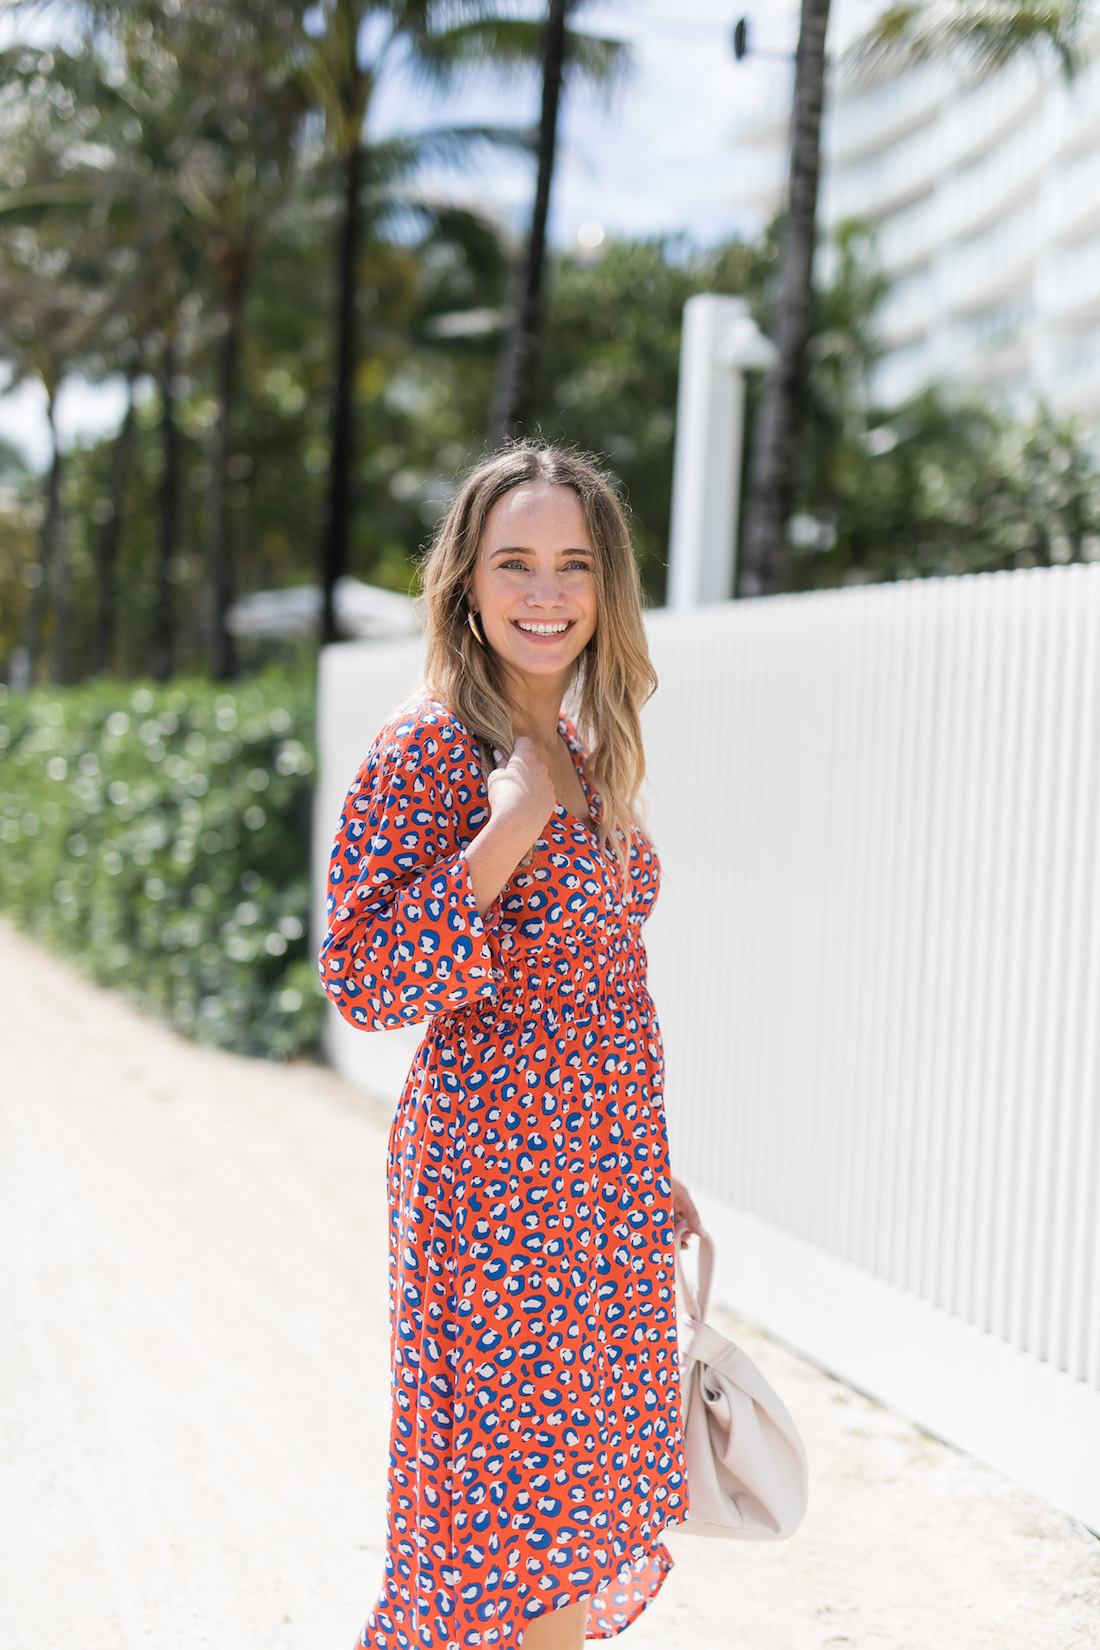 The fancy (but still beachy!) dress.